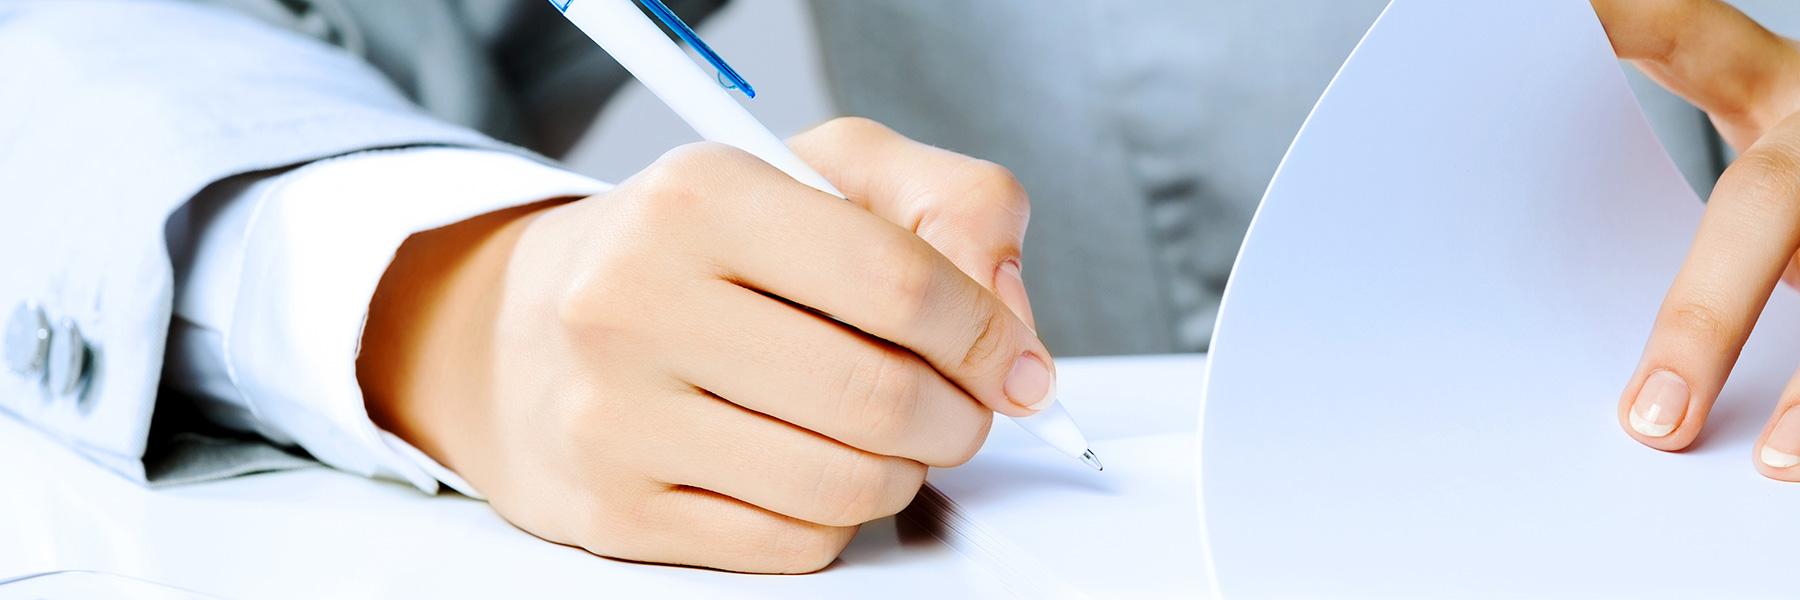 Výpověď smlouvy povinného ručení